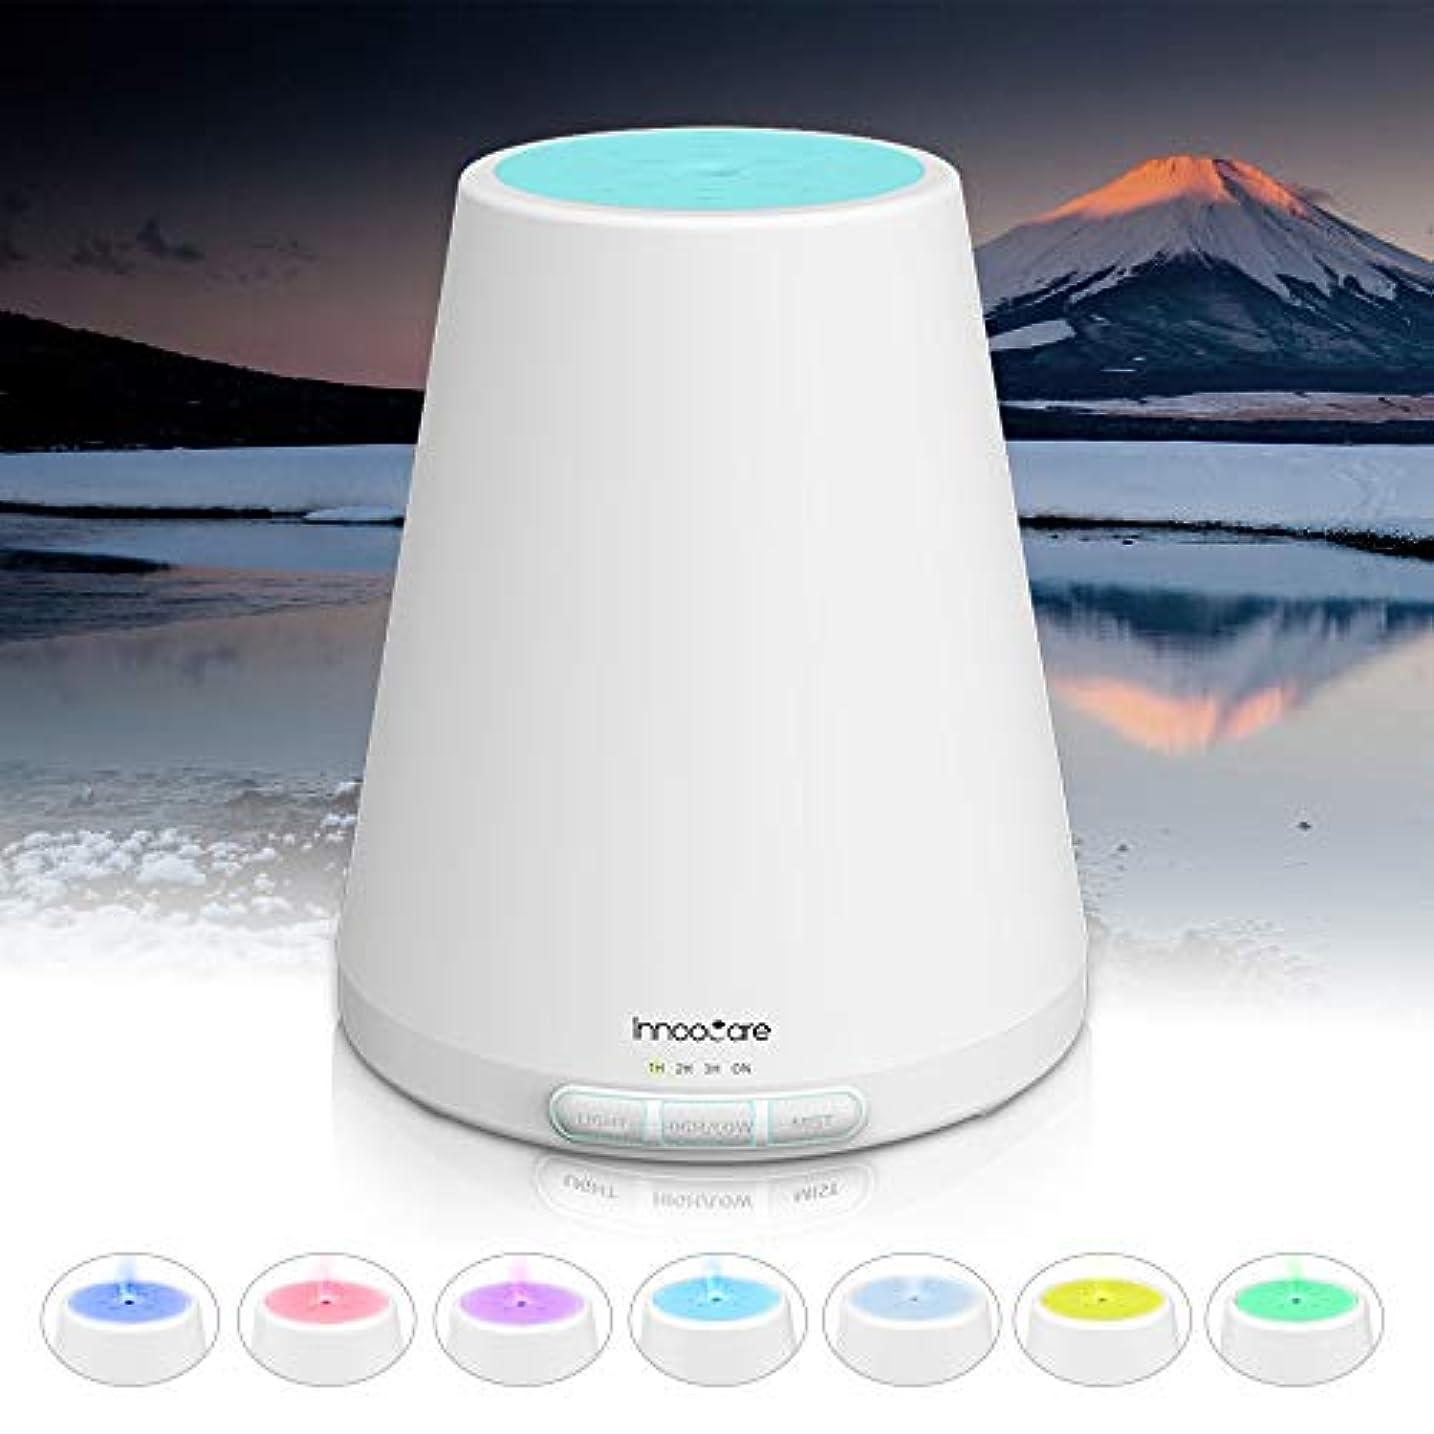 永久分布背景アロマディフューザー 300ml, ディフューザー アロマ加湿器, アロマでぃふゅーざー超音波 空気清浄機 7色変換LED